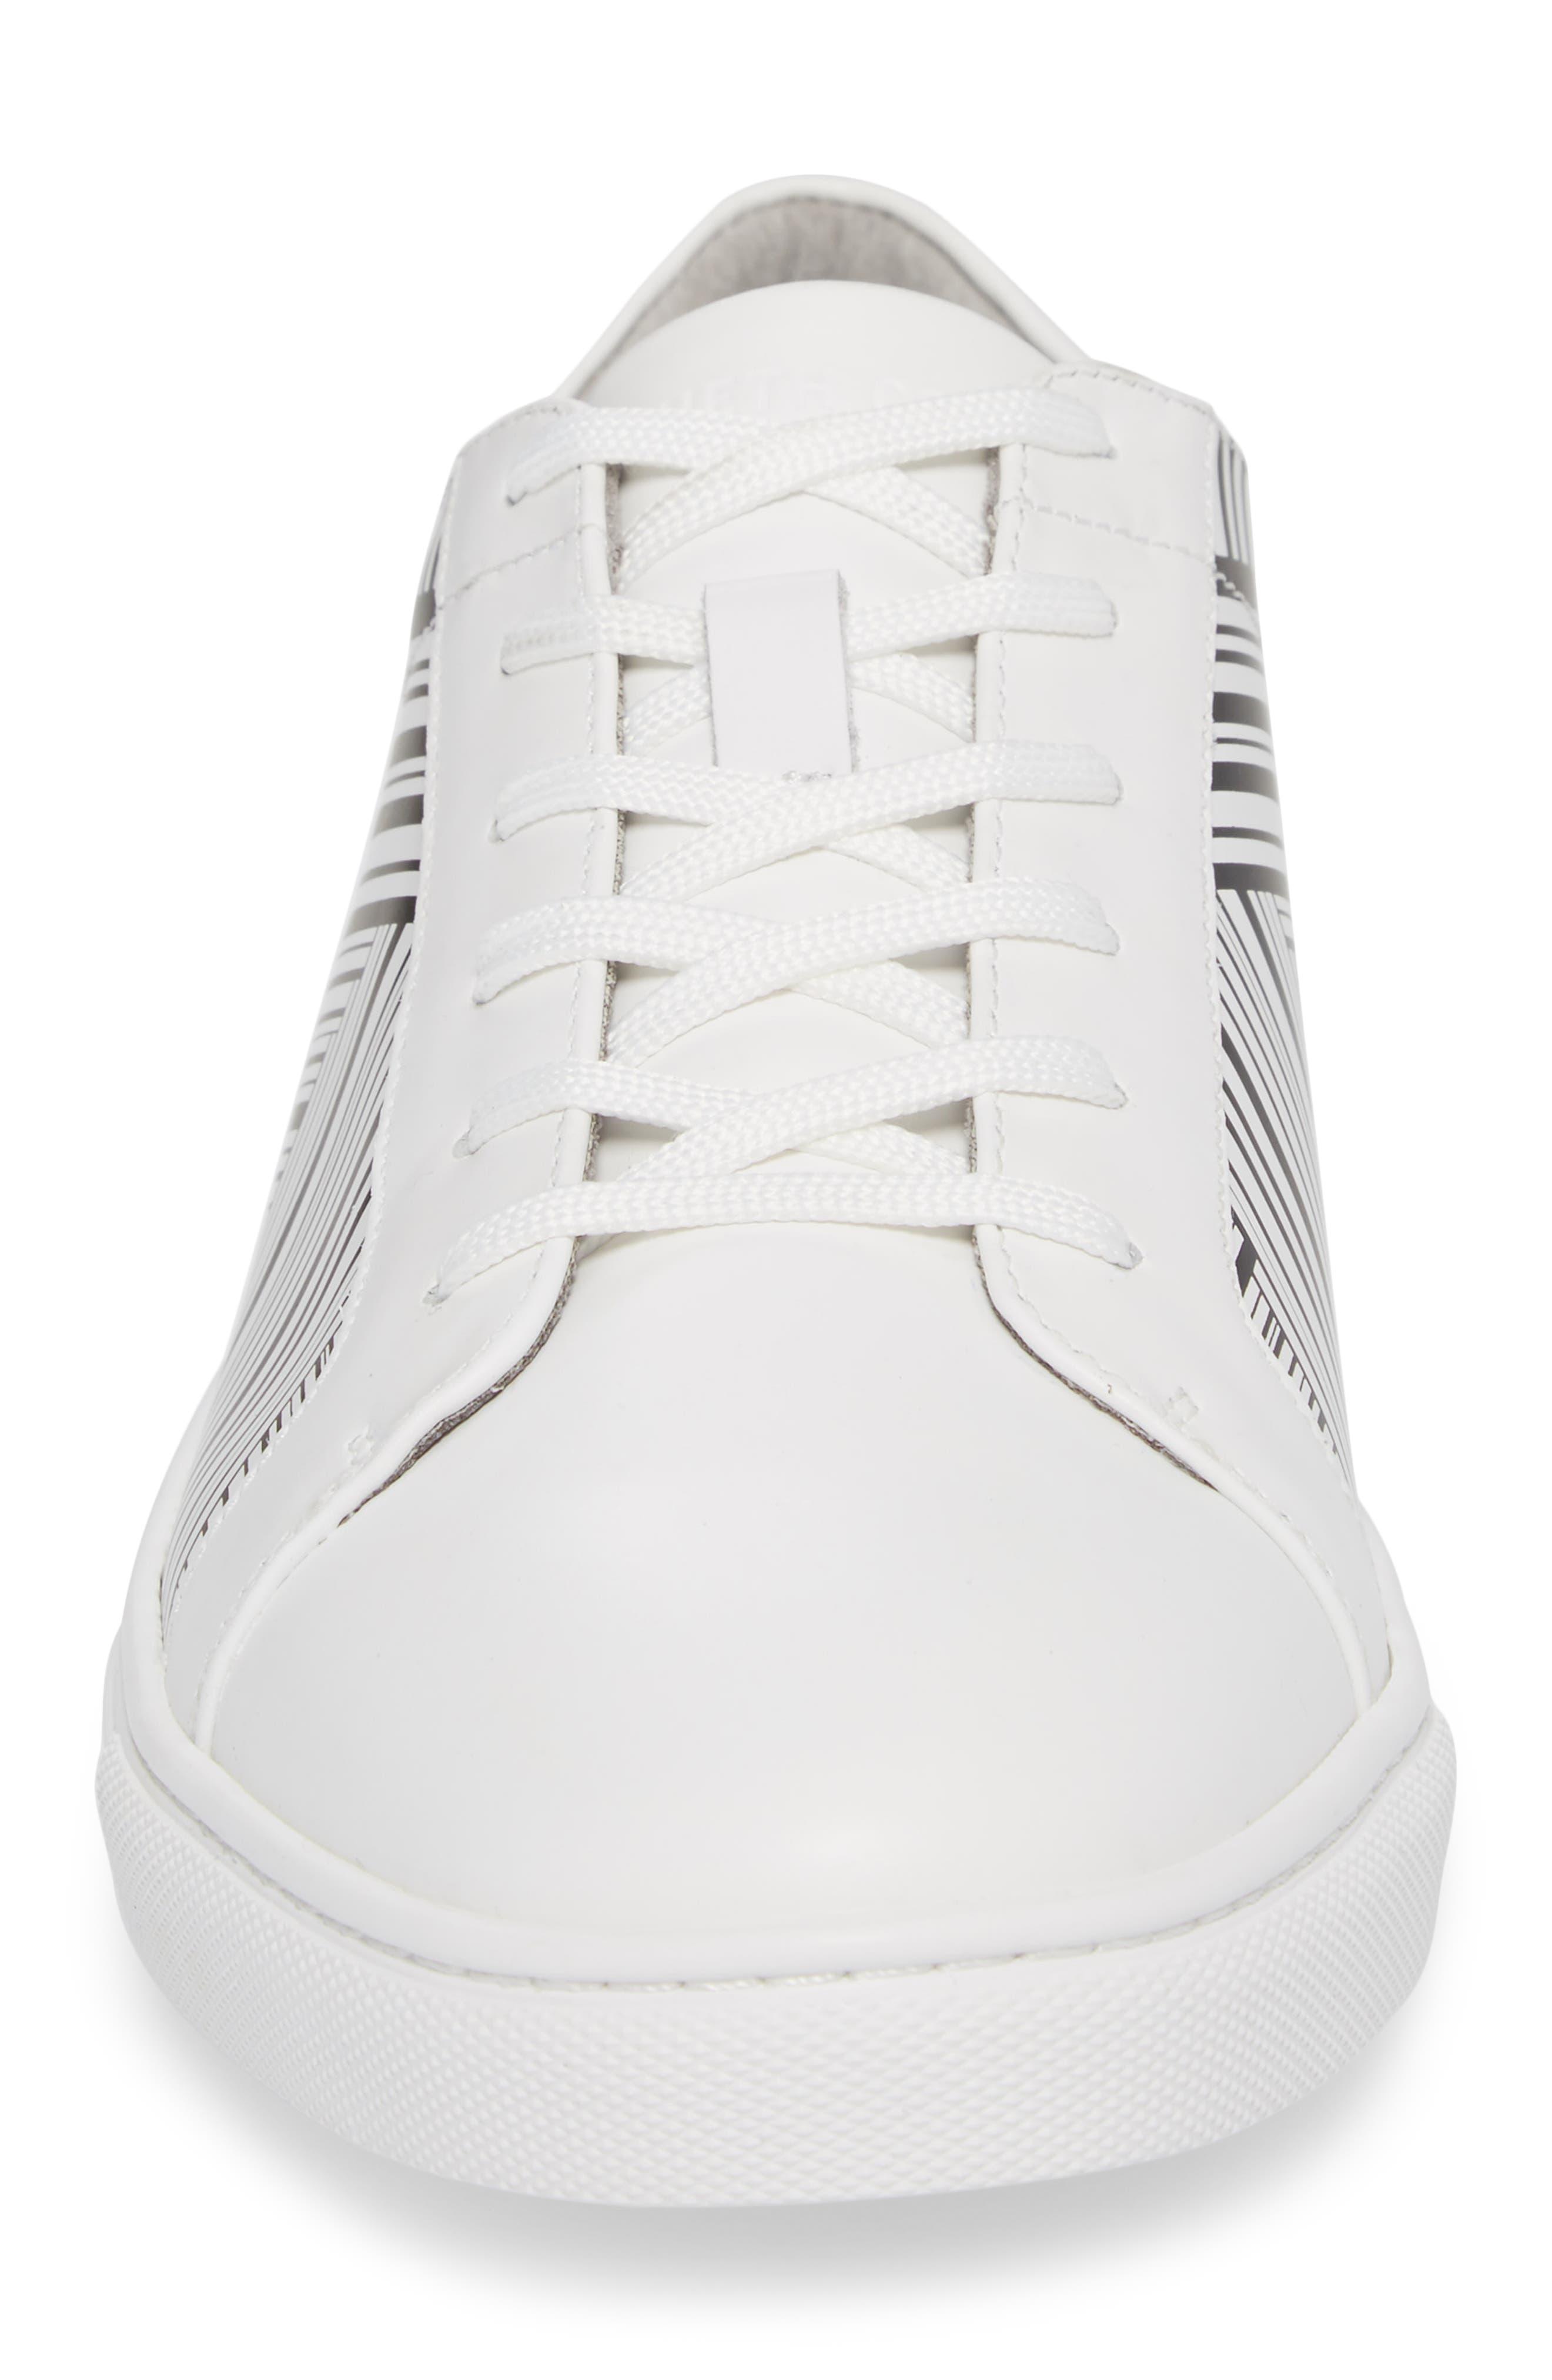 Kam Sneaker,                             Alternate thumbnail 4, color,                             White/ Black Leather